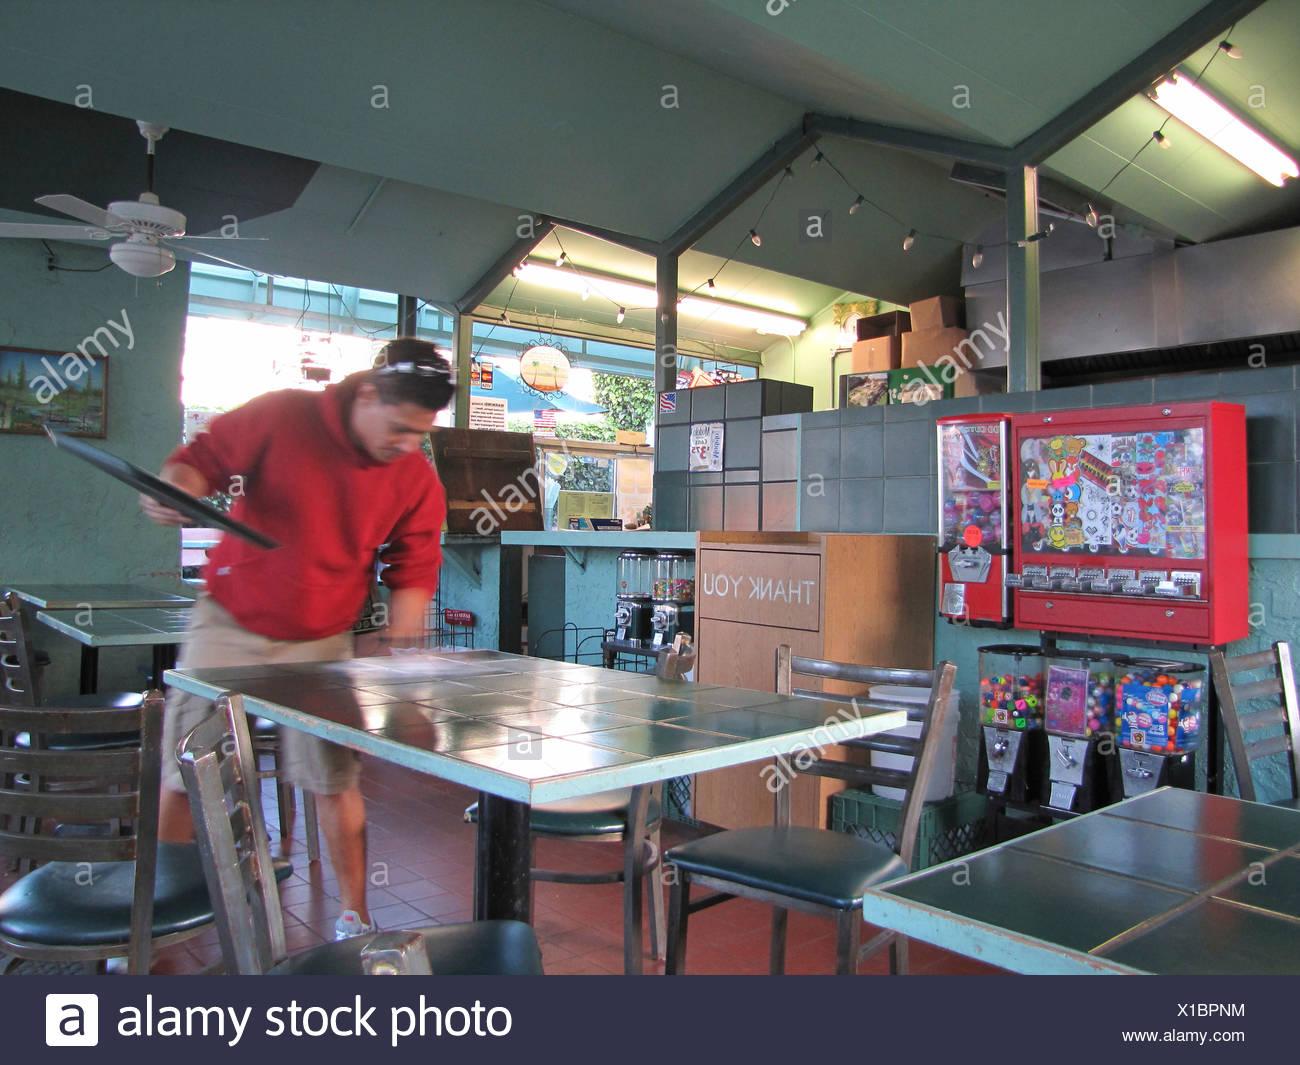 Mann Reinigung Tisch in amerikanischen Fast-Food-Restaurant, Kaugummi Maschine im linken Bild, USA, Kalifornien, Santa Cruz Stockbild